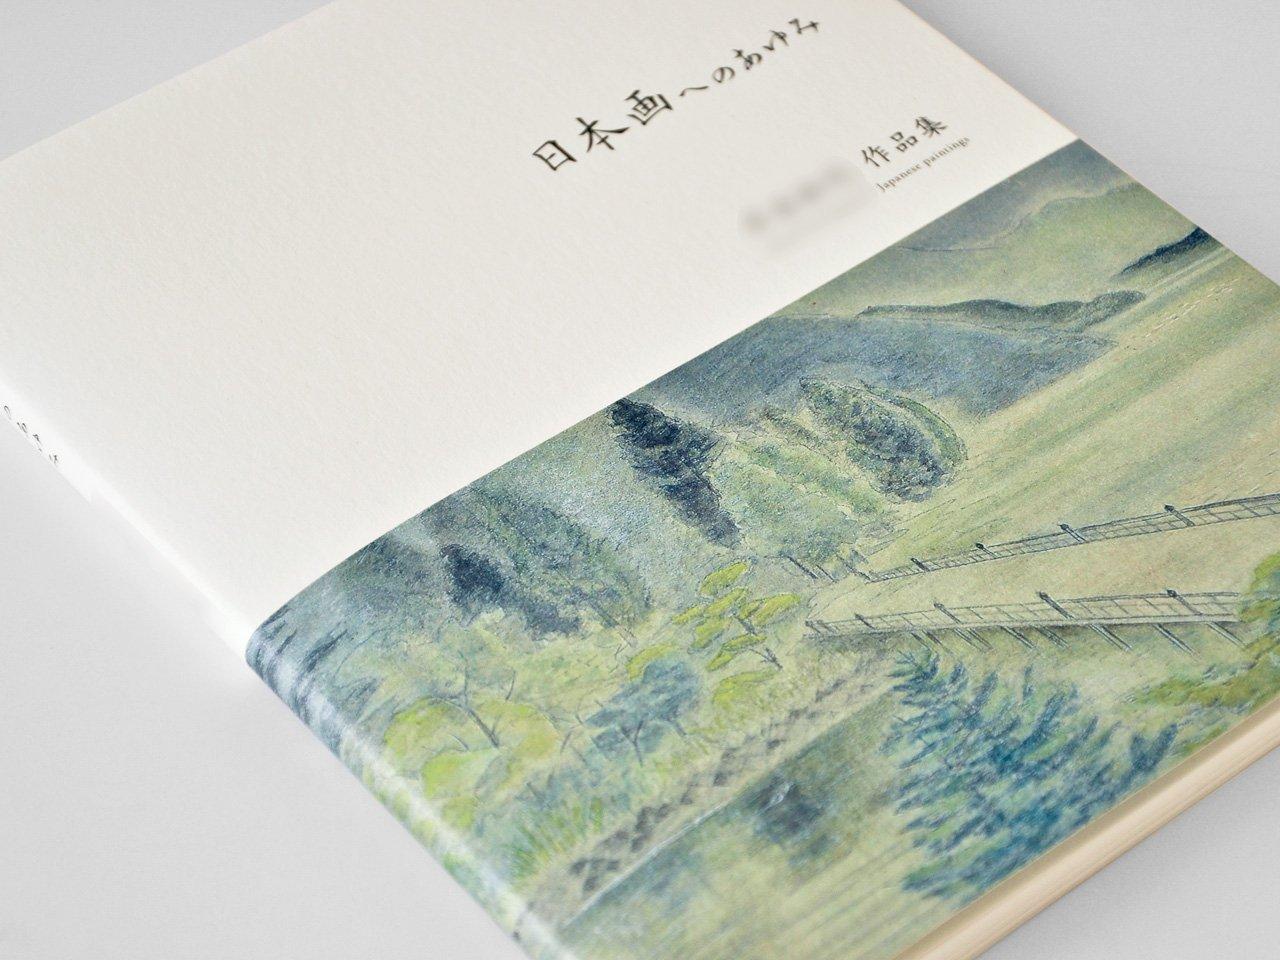 【自費出版制作事例】日本画作品集「日本画へのあゆみ」